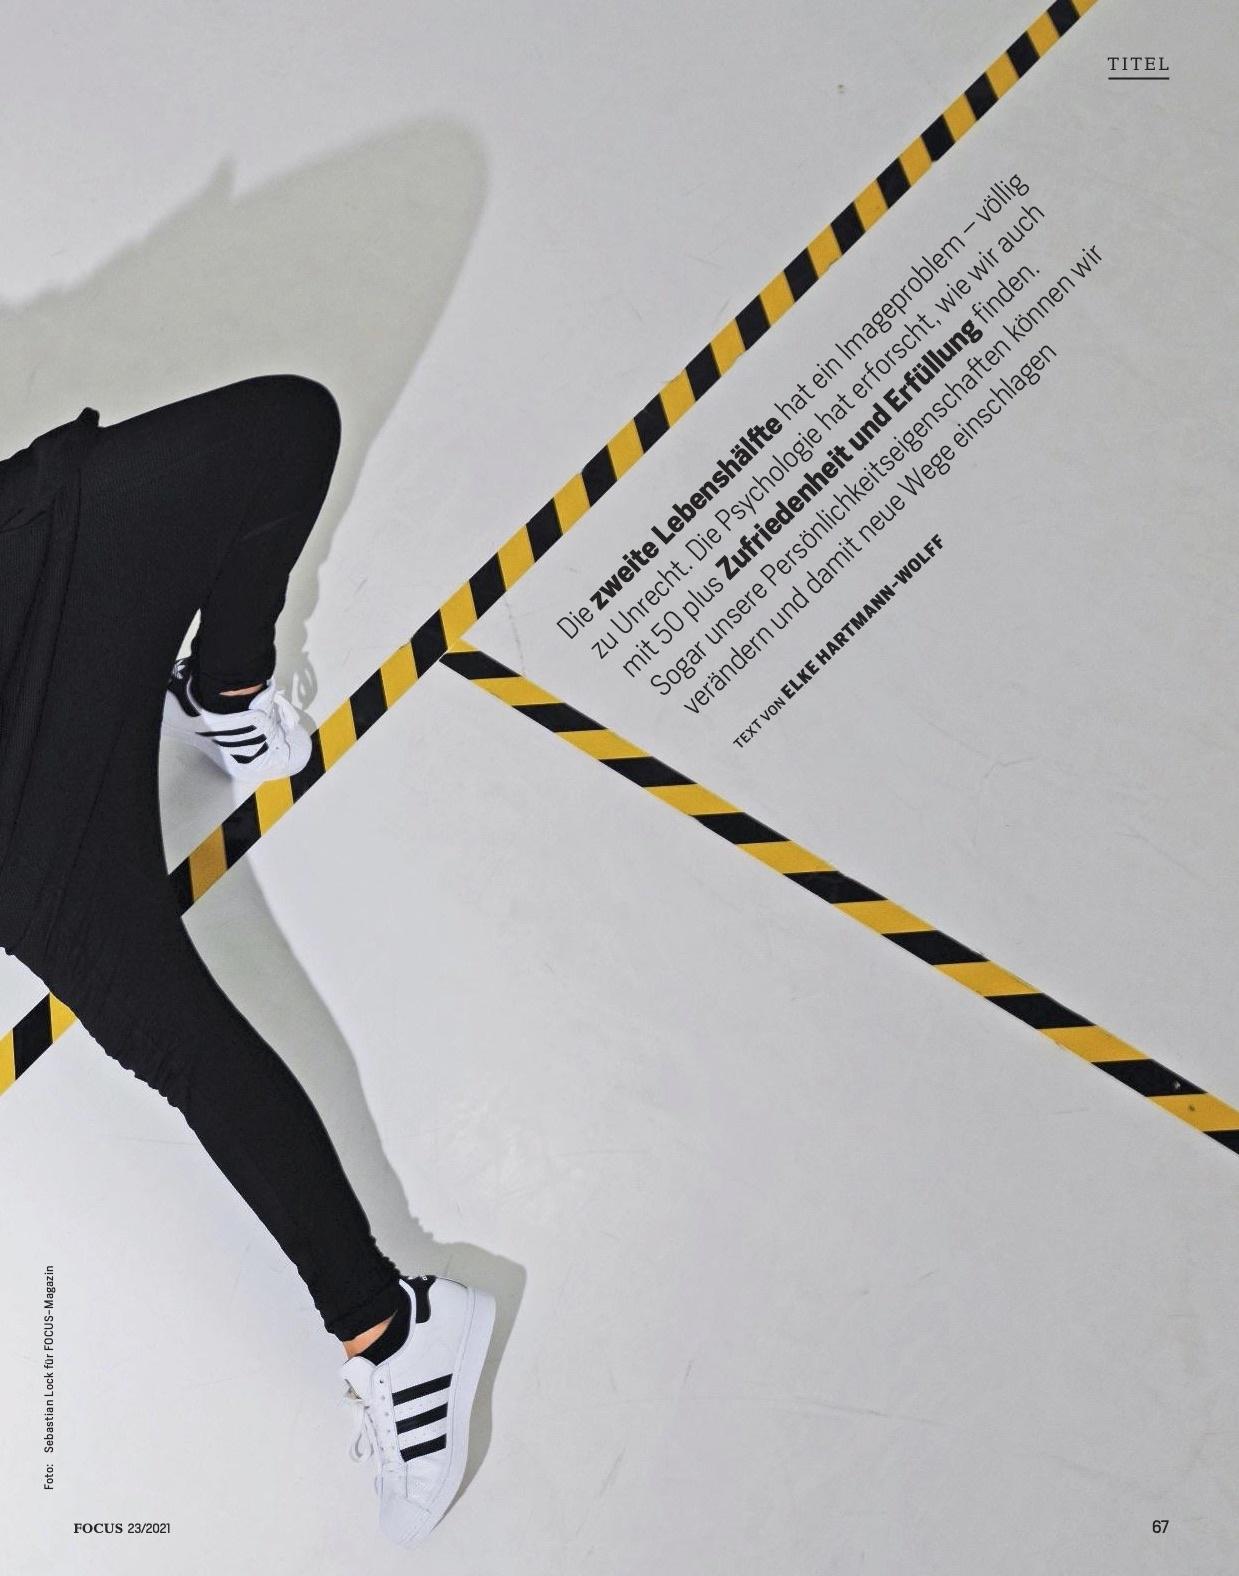 FOCUS Magazin FOCUS Magazin - Das Glück der zweiten Lebenshälfte